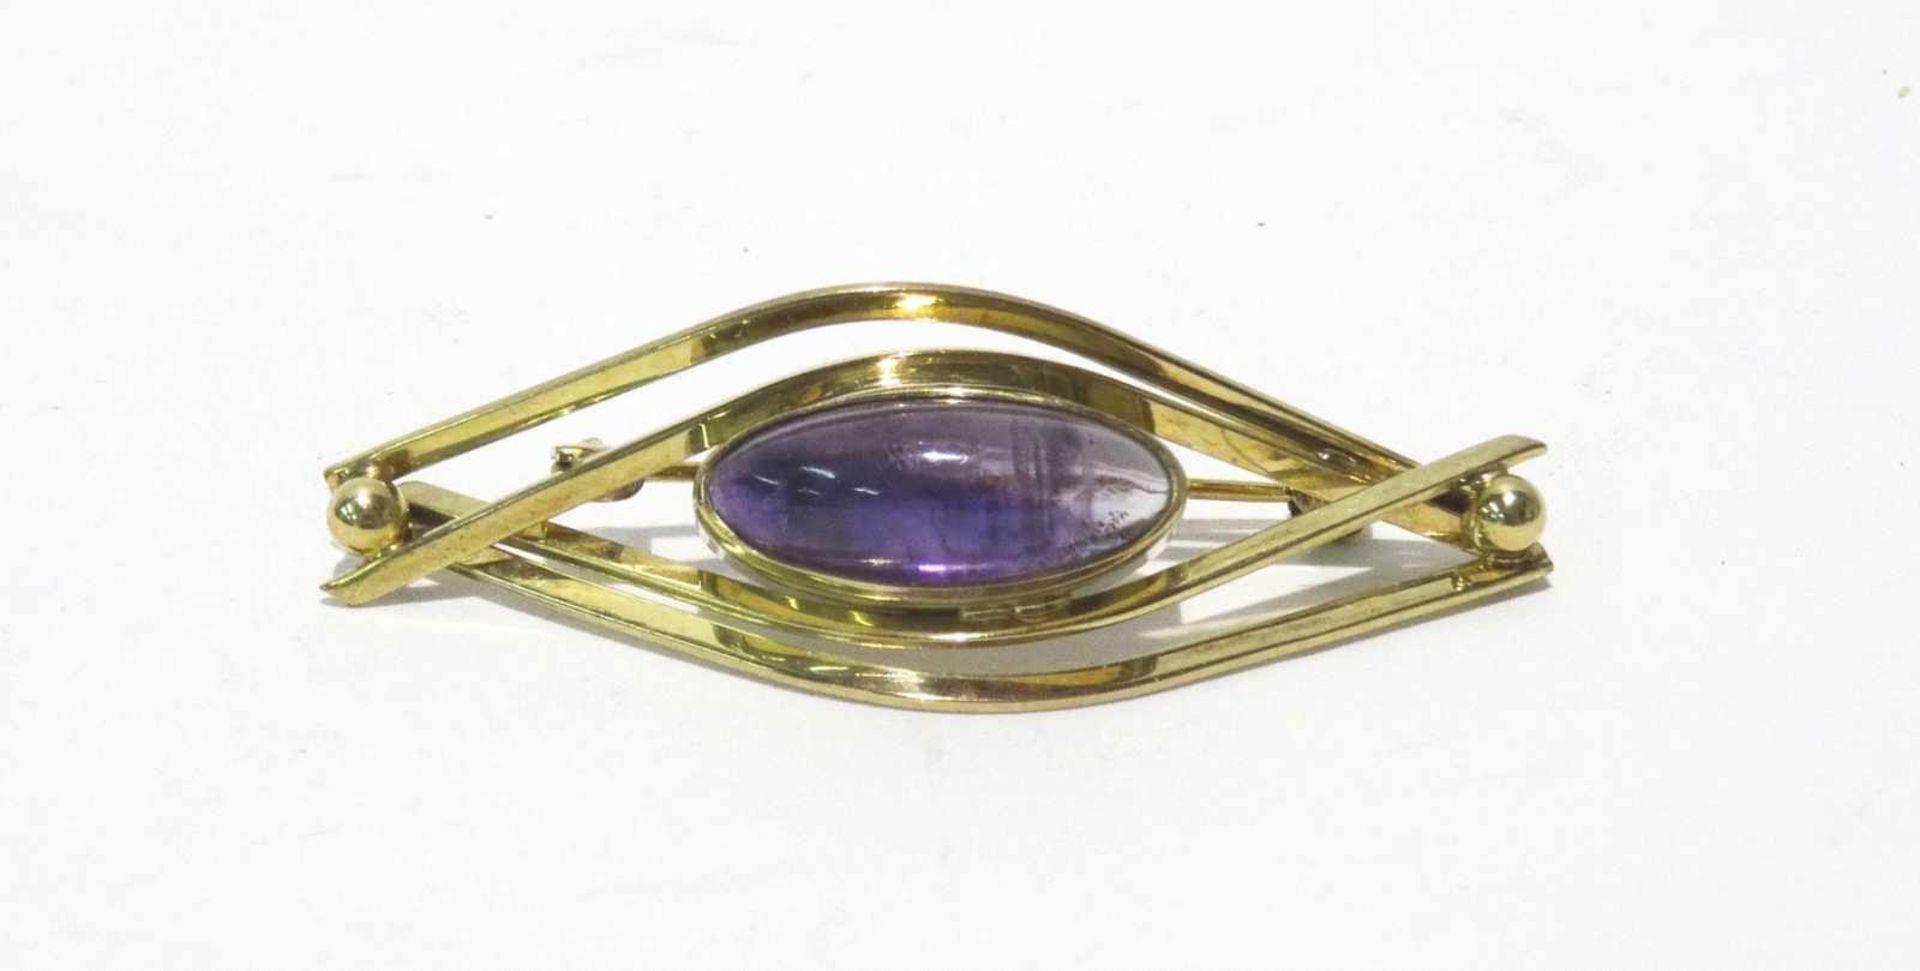 333 Gold Nadel / Brosche mit Amethystcabochon 16,5 x 6,5 mm, sehr schöne Farbe, Länge ges. ca. 4,